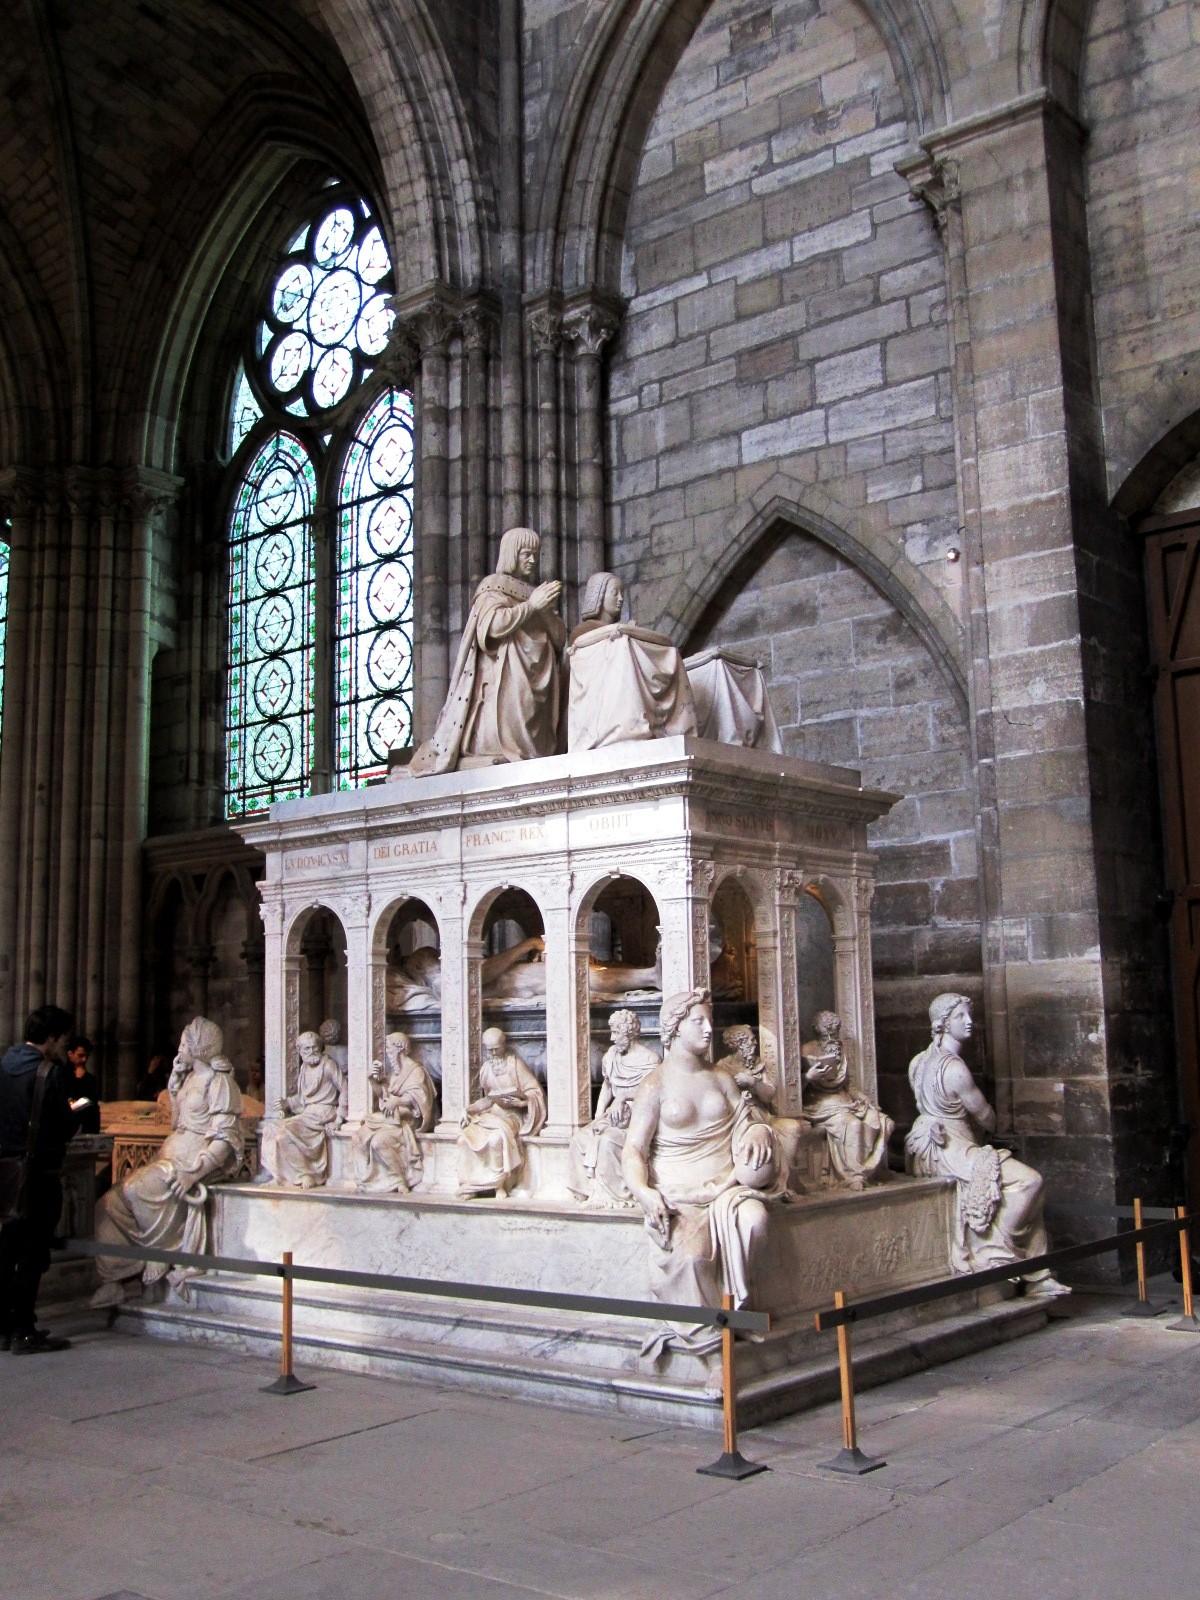 Saint Denis Gard: I Love France #23: Basilica Of Saint-Denis